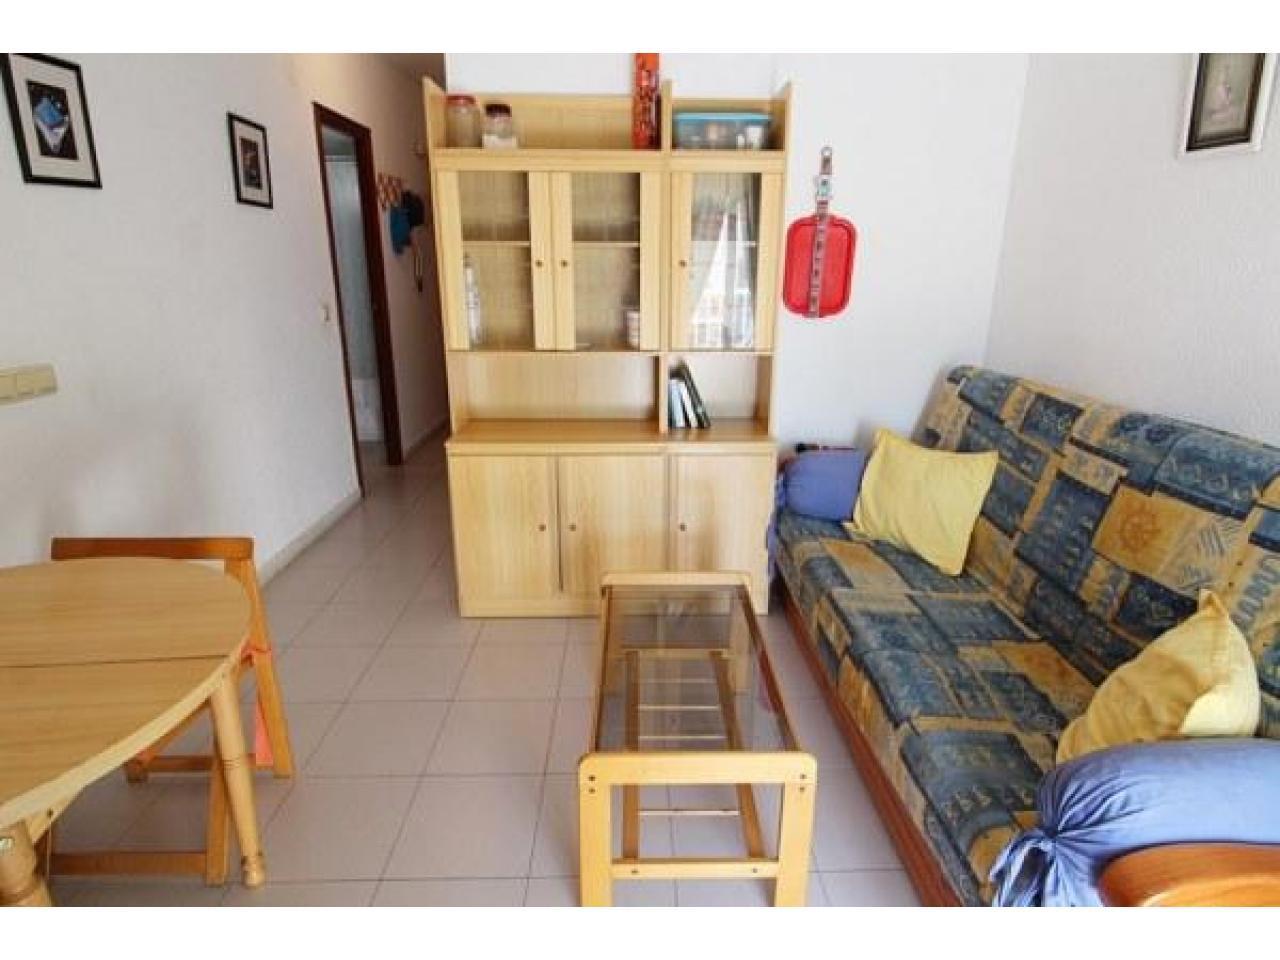 Недвижимость в Испании, Квартира с видами на море в Ла Мата,Коста Бланка,Испания - 2